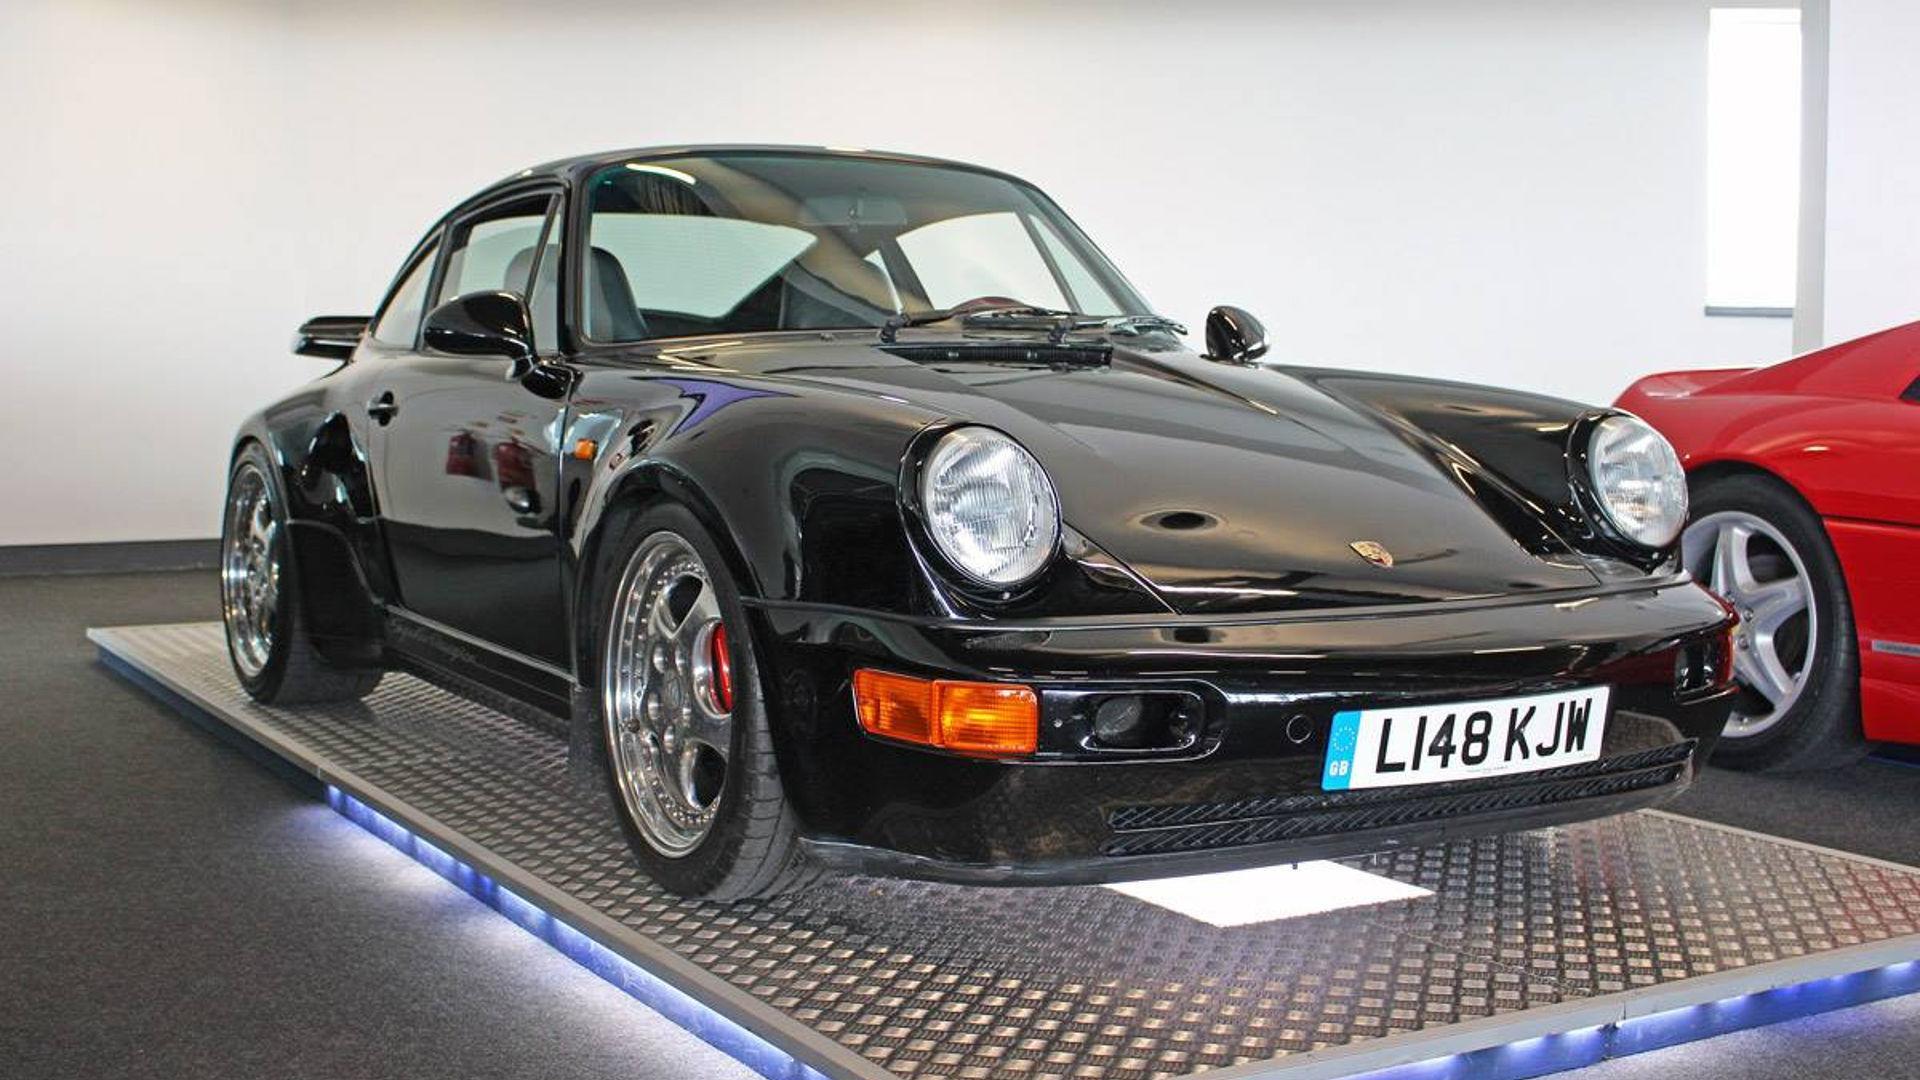 1993 Porsche 911 Turbo S Leichtbau Yeni Sahibine Kavuştu